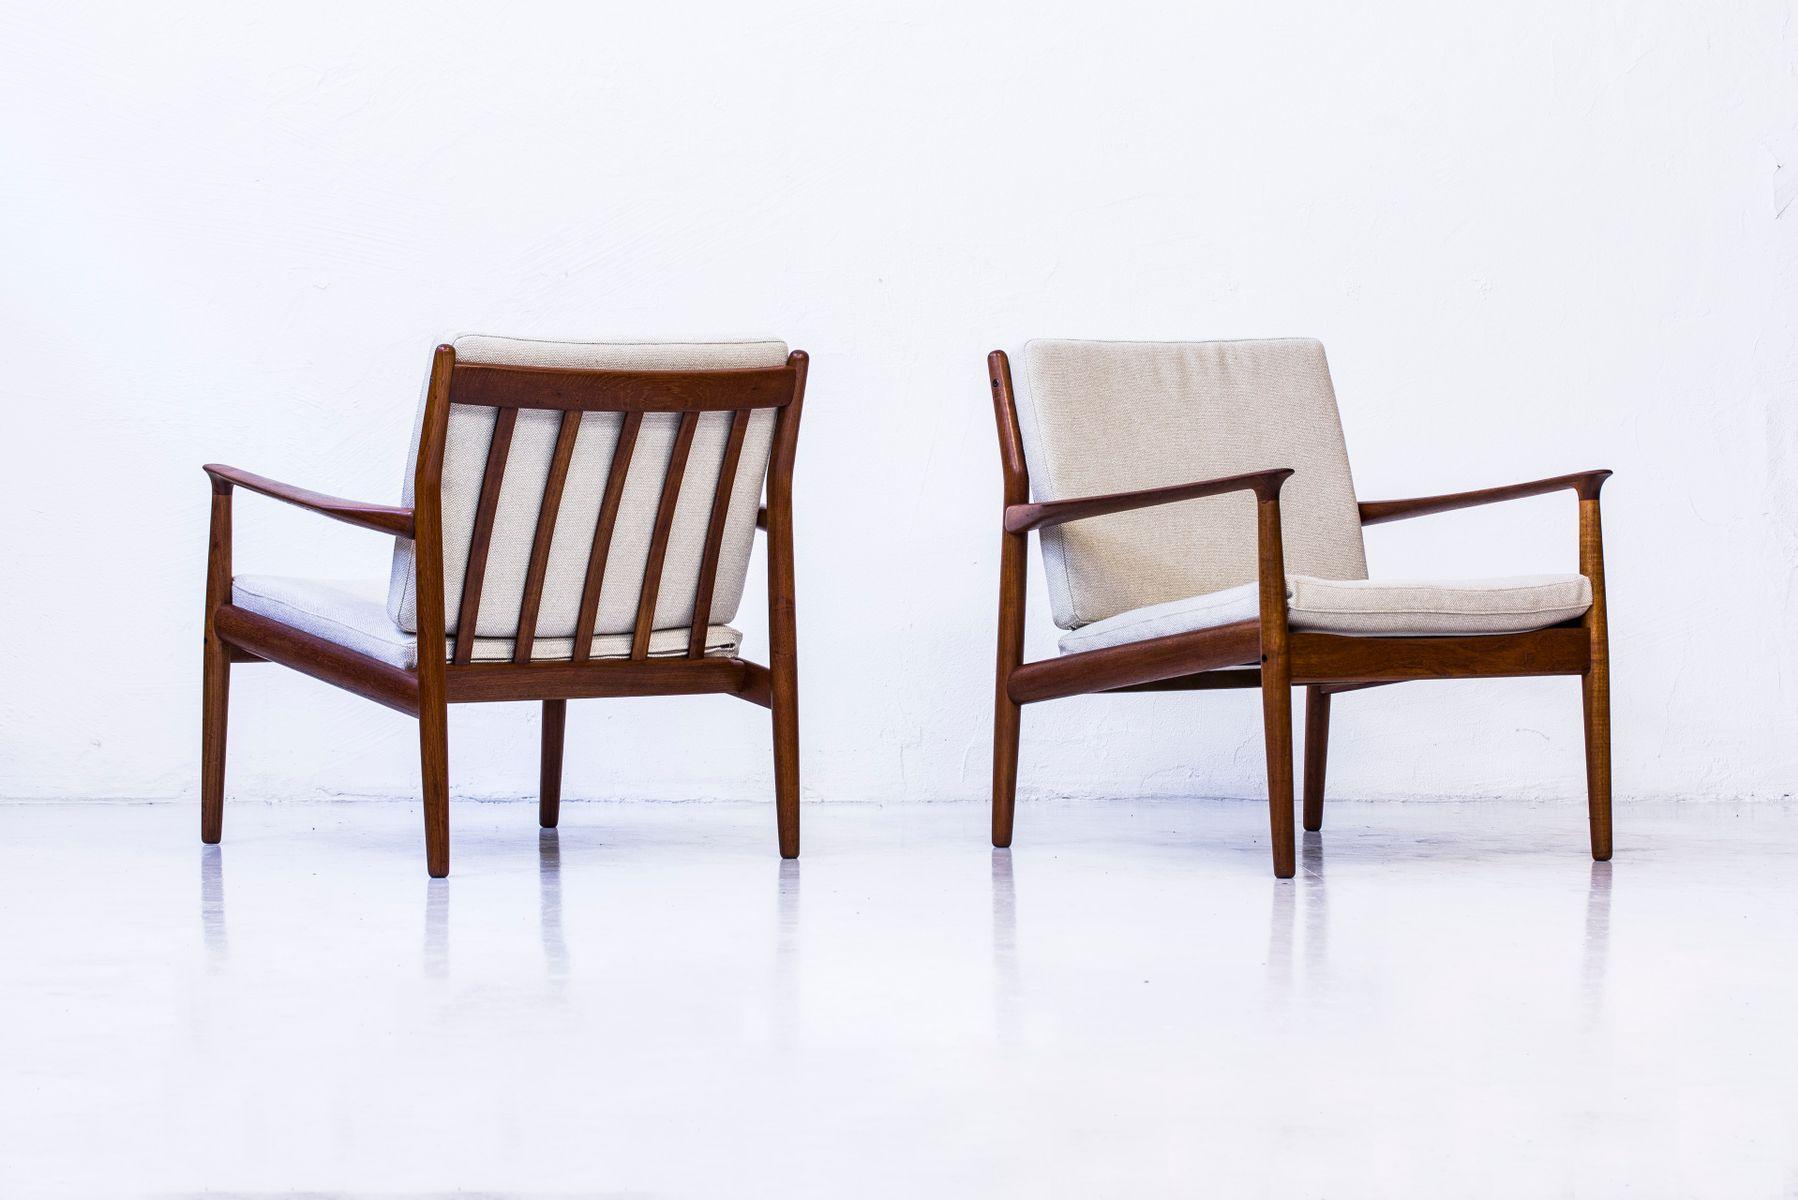 Dänische Sessel von Svend Age Eriksen für Glostrup Møbelfabrik, 1950er...